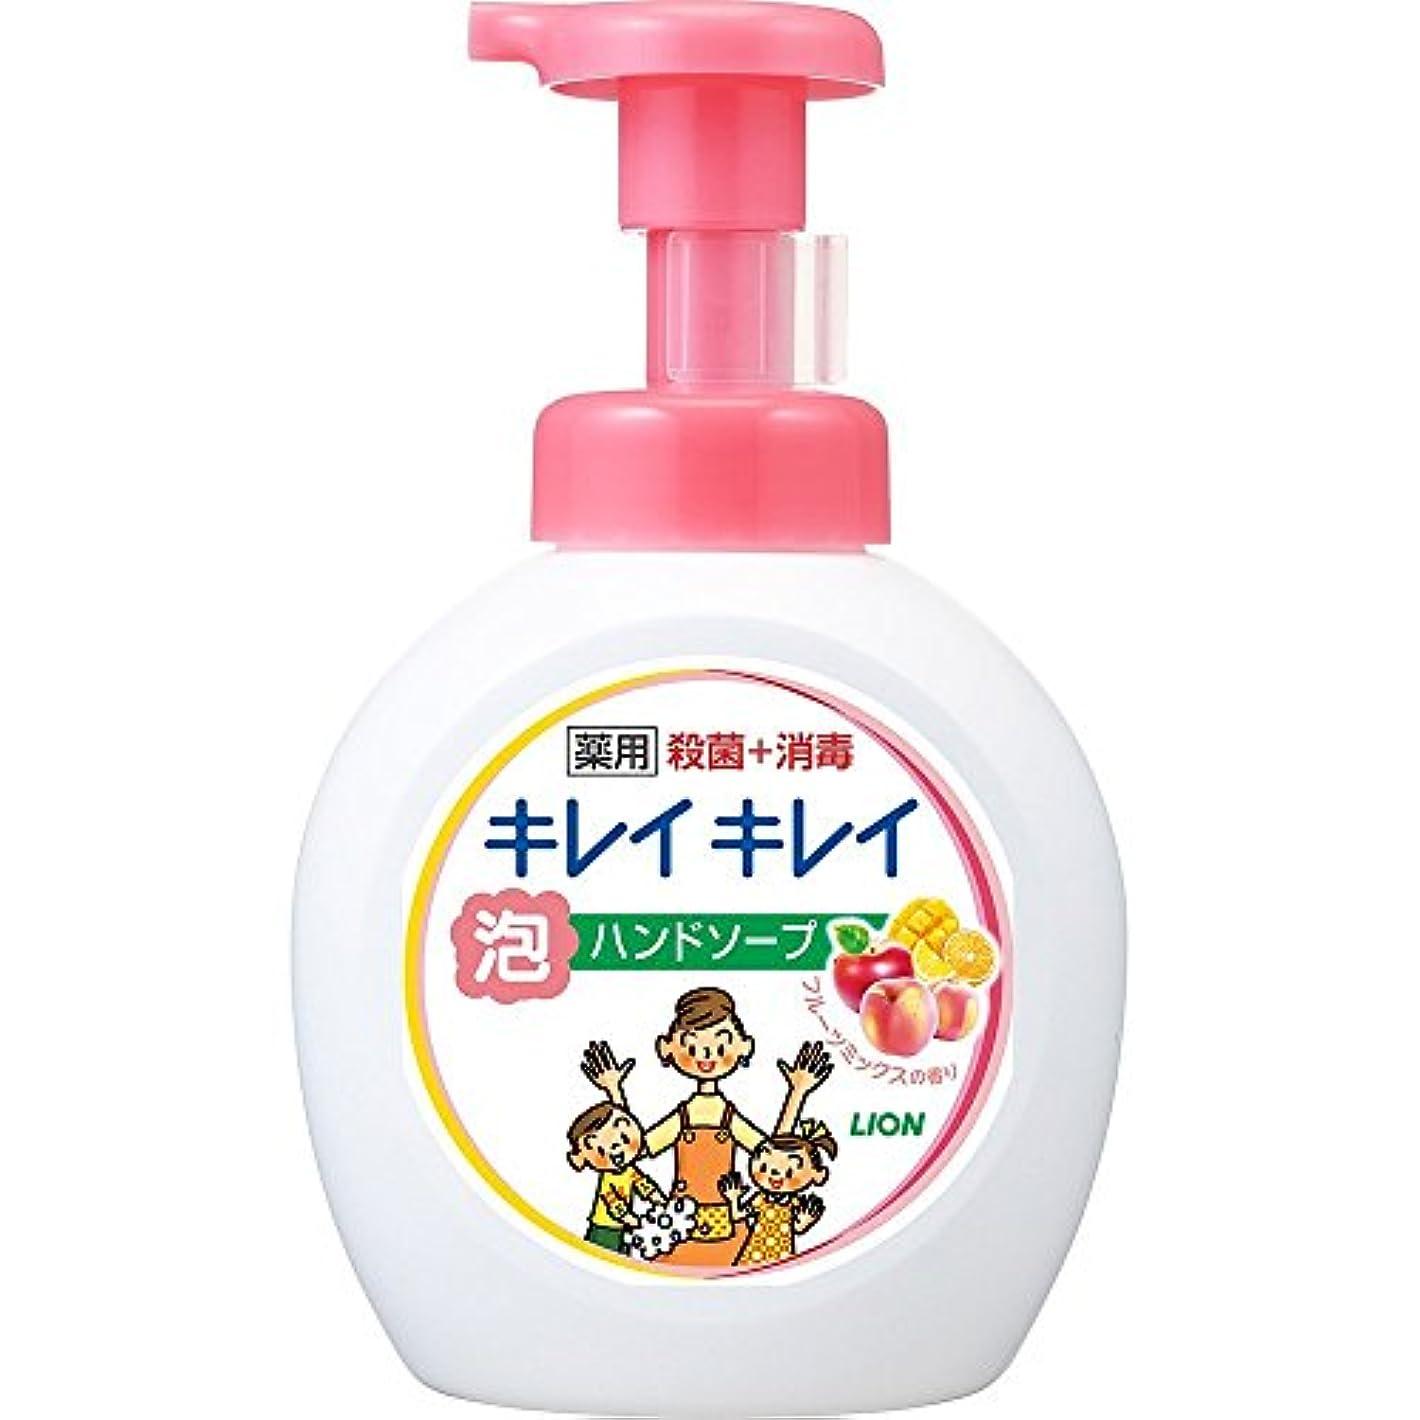 水銀のイブオズワルドキレイキレイ 薬用 泡ハンドソープ フルーツミックスの香り 本体ポンプ 大型サイズ 500ml(医薬部外品)